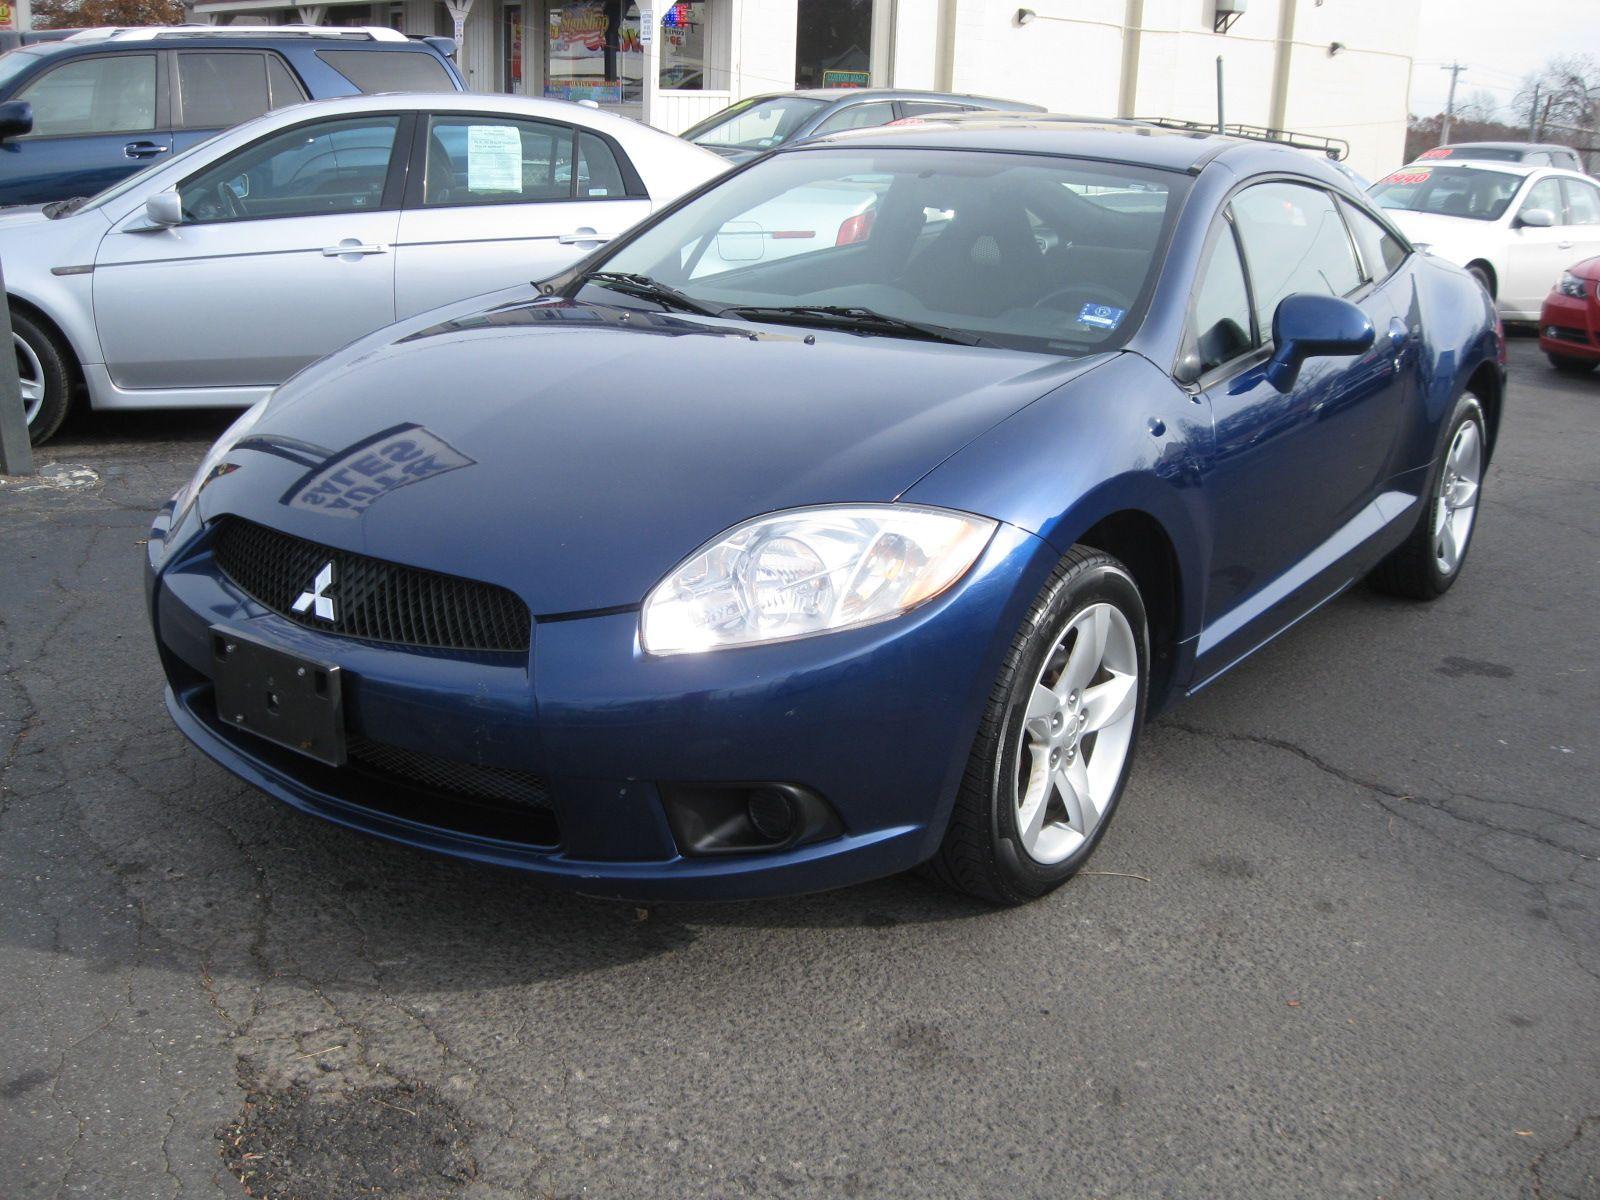 Exceptionnel ... 2009 Mitsubishi Eclipse GS City CT York Auto Sales In , ...